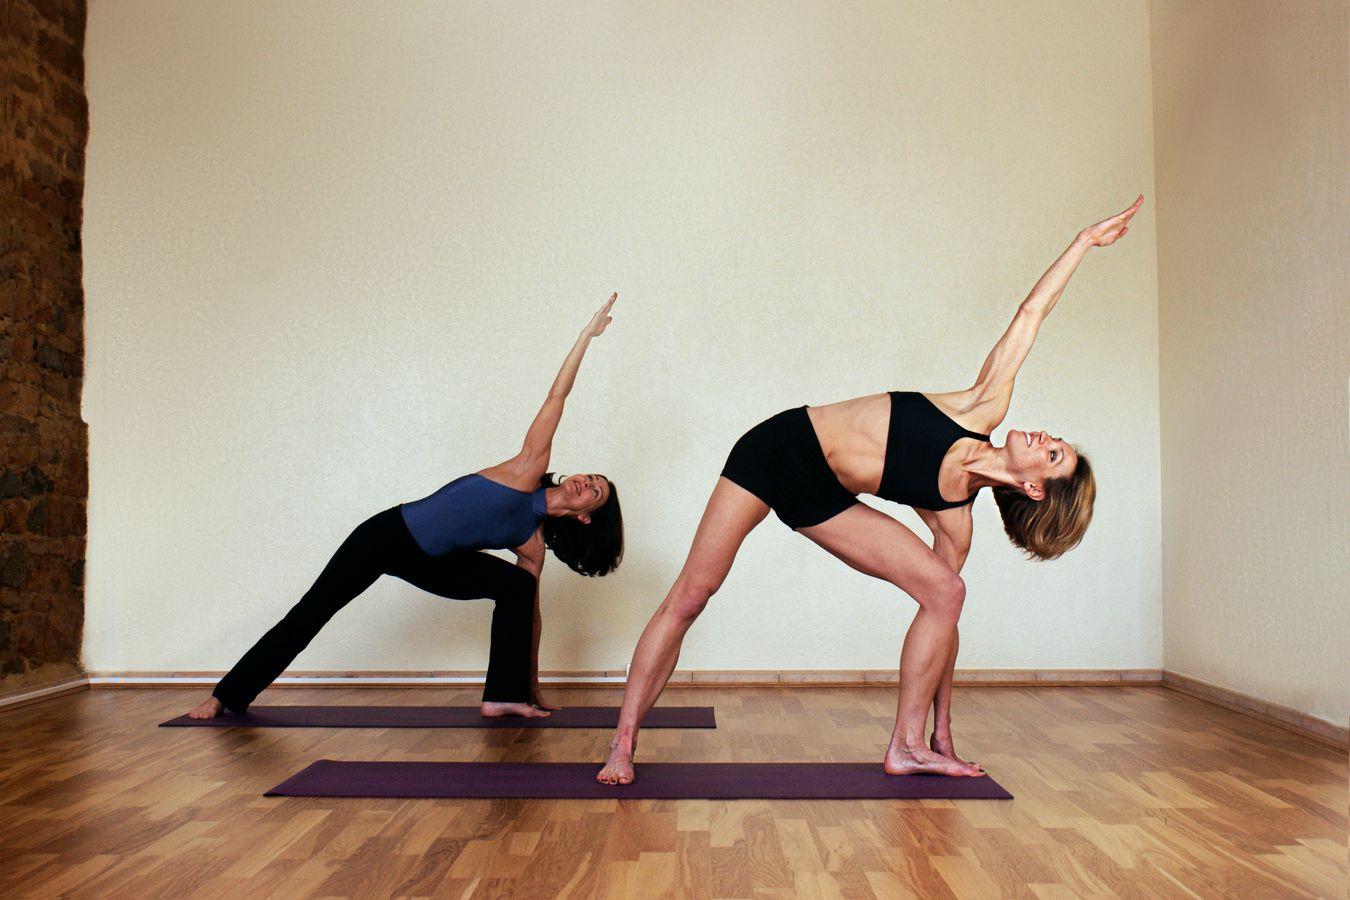 Sydney Martinie donne un cours individuel de Yoga, du Yoga coaching, dans un studio à Lyon. Elle pratique avec son élève un Utthita Parsvakonasana.